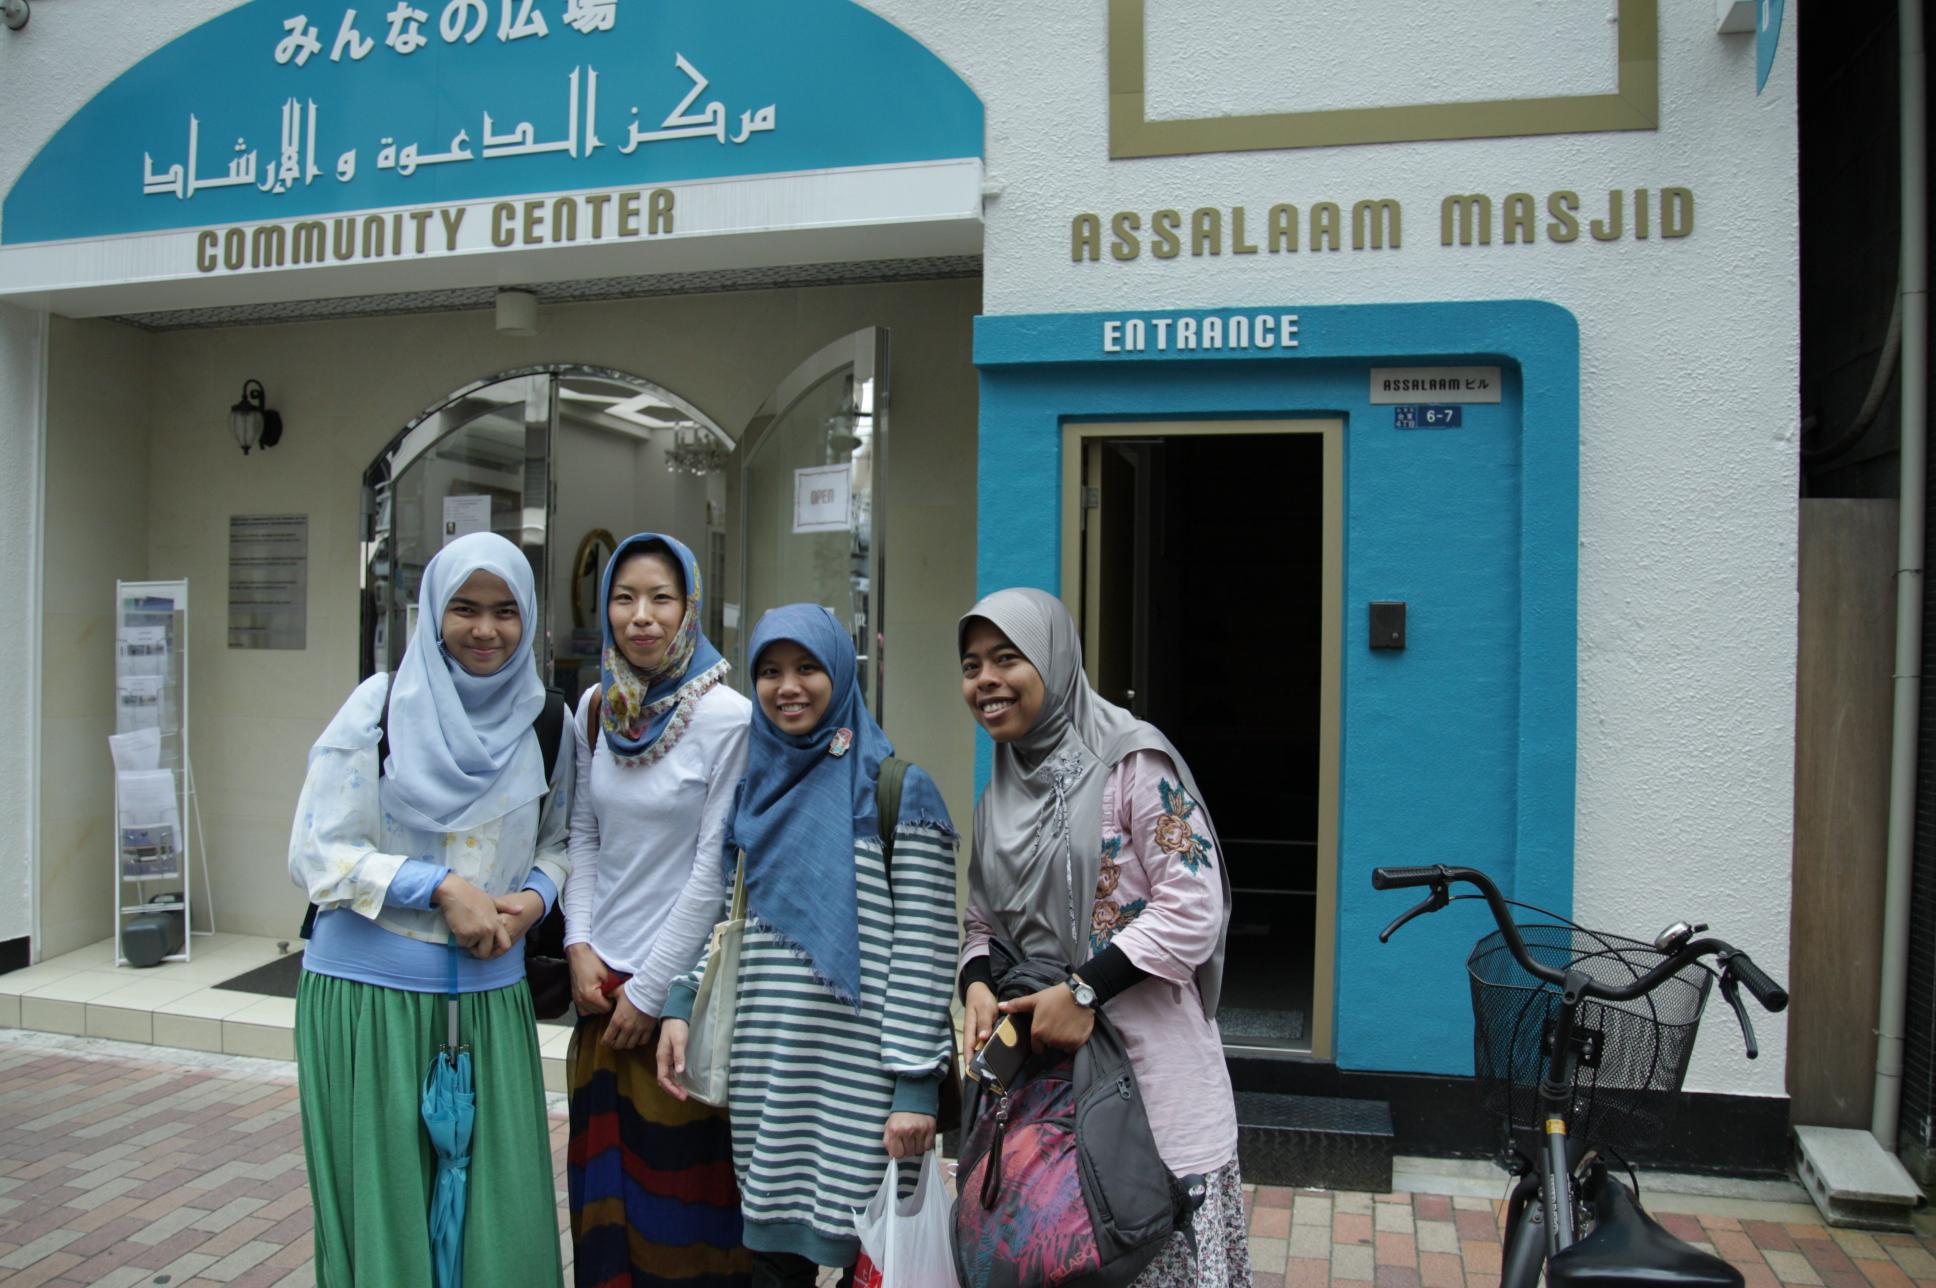 Ислам в Японии. Мусульманки Японии